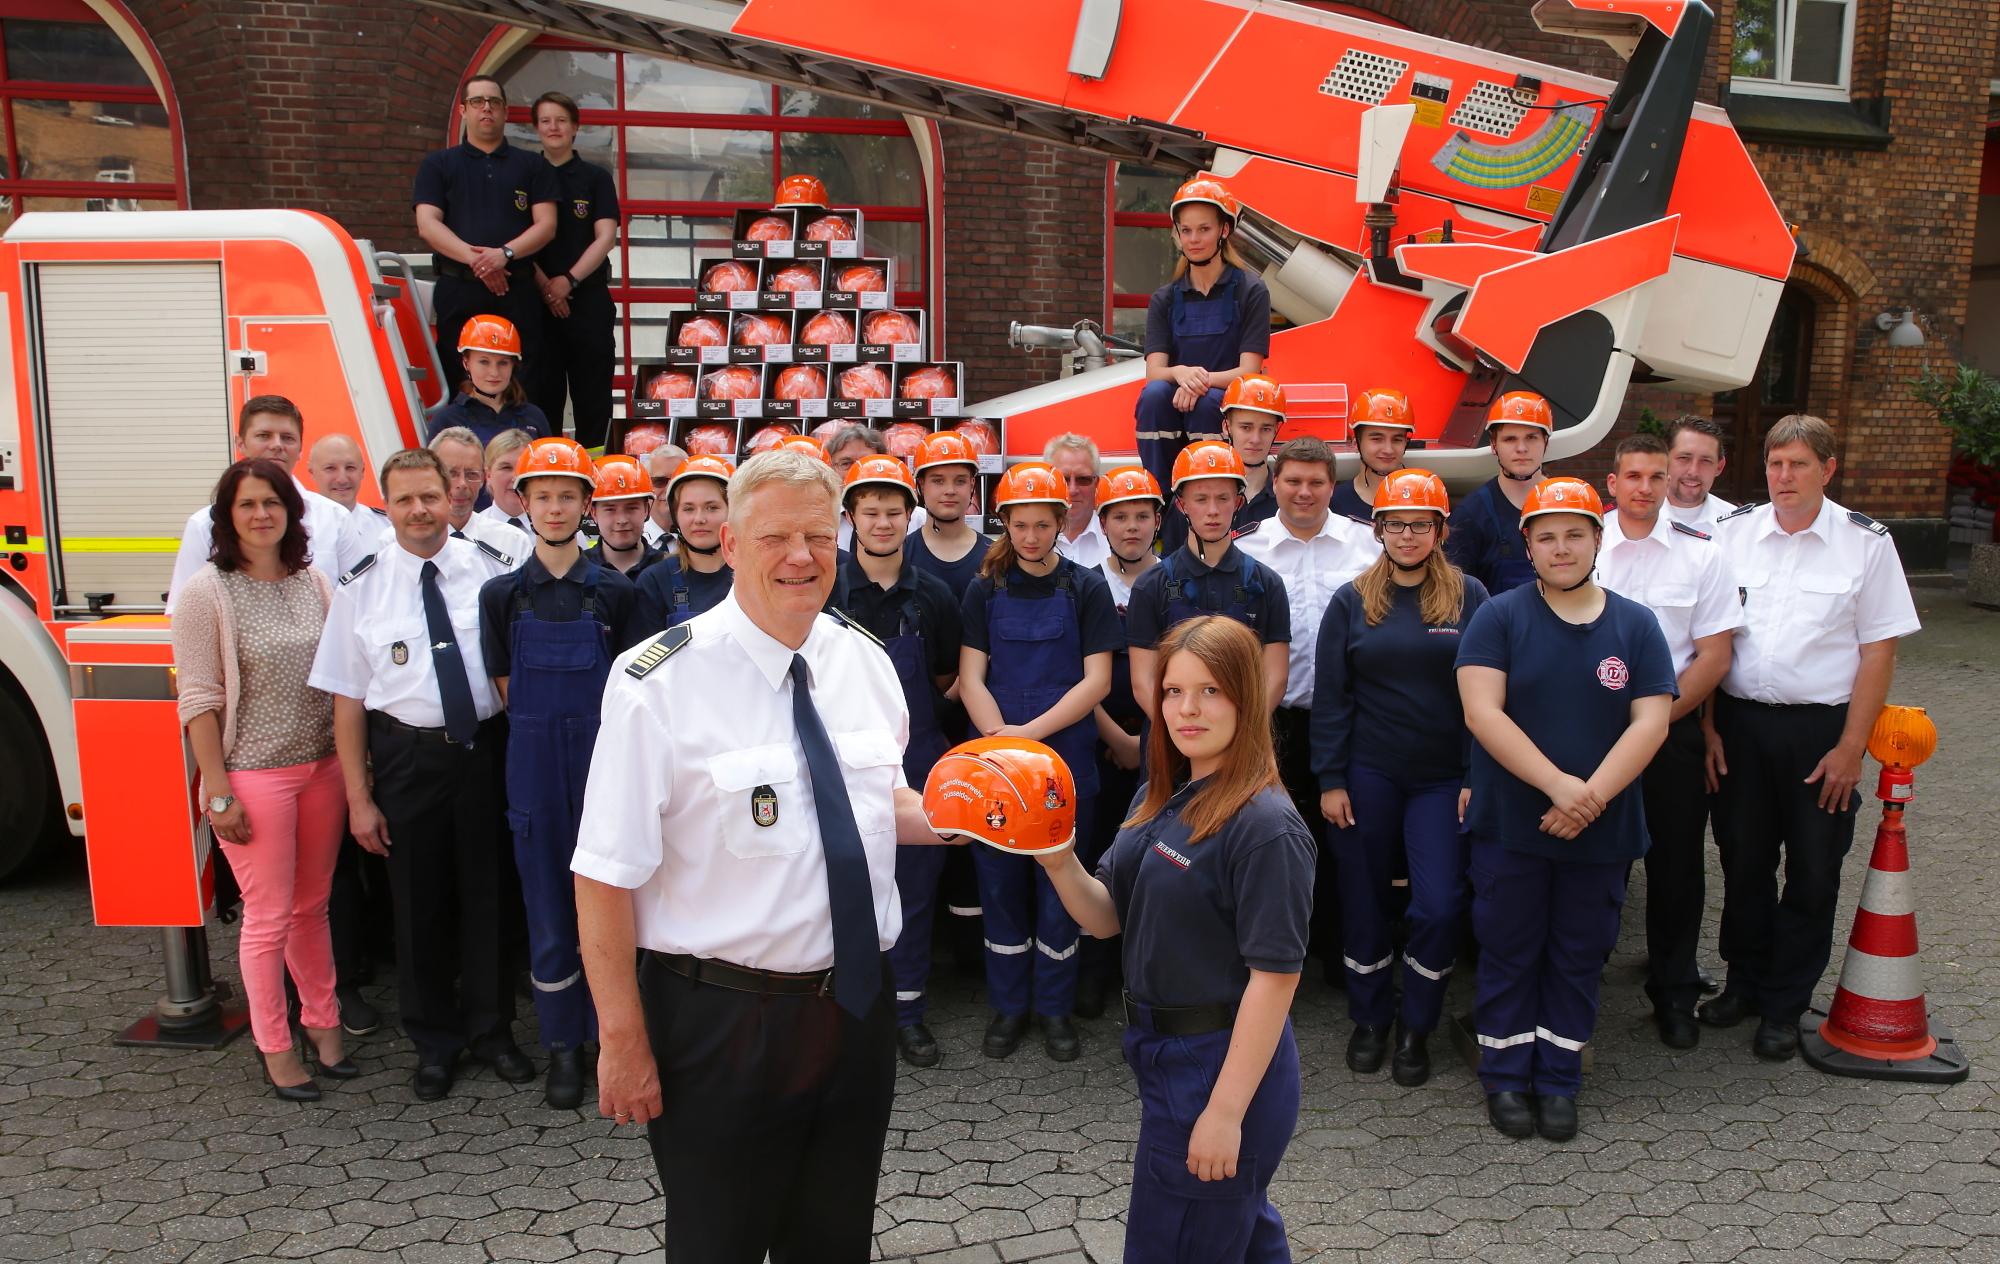 Stadtfeuerwehrverband stiftet 130 multifunktionale Helme für die Jugendlichen für Übungsdienst und Freizeitaktivitäten (Foto: Stadt Düsseldorf, David Young)